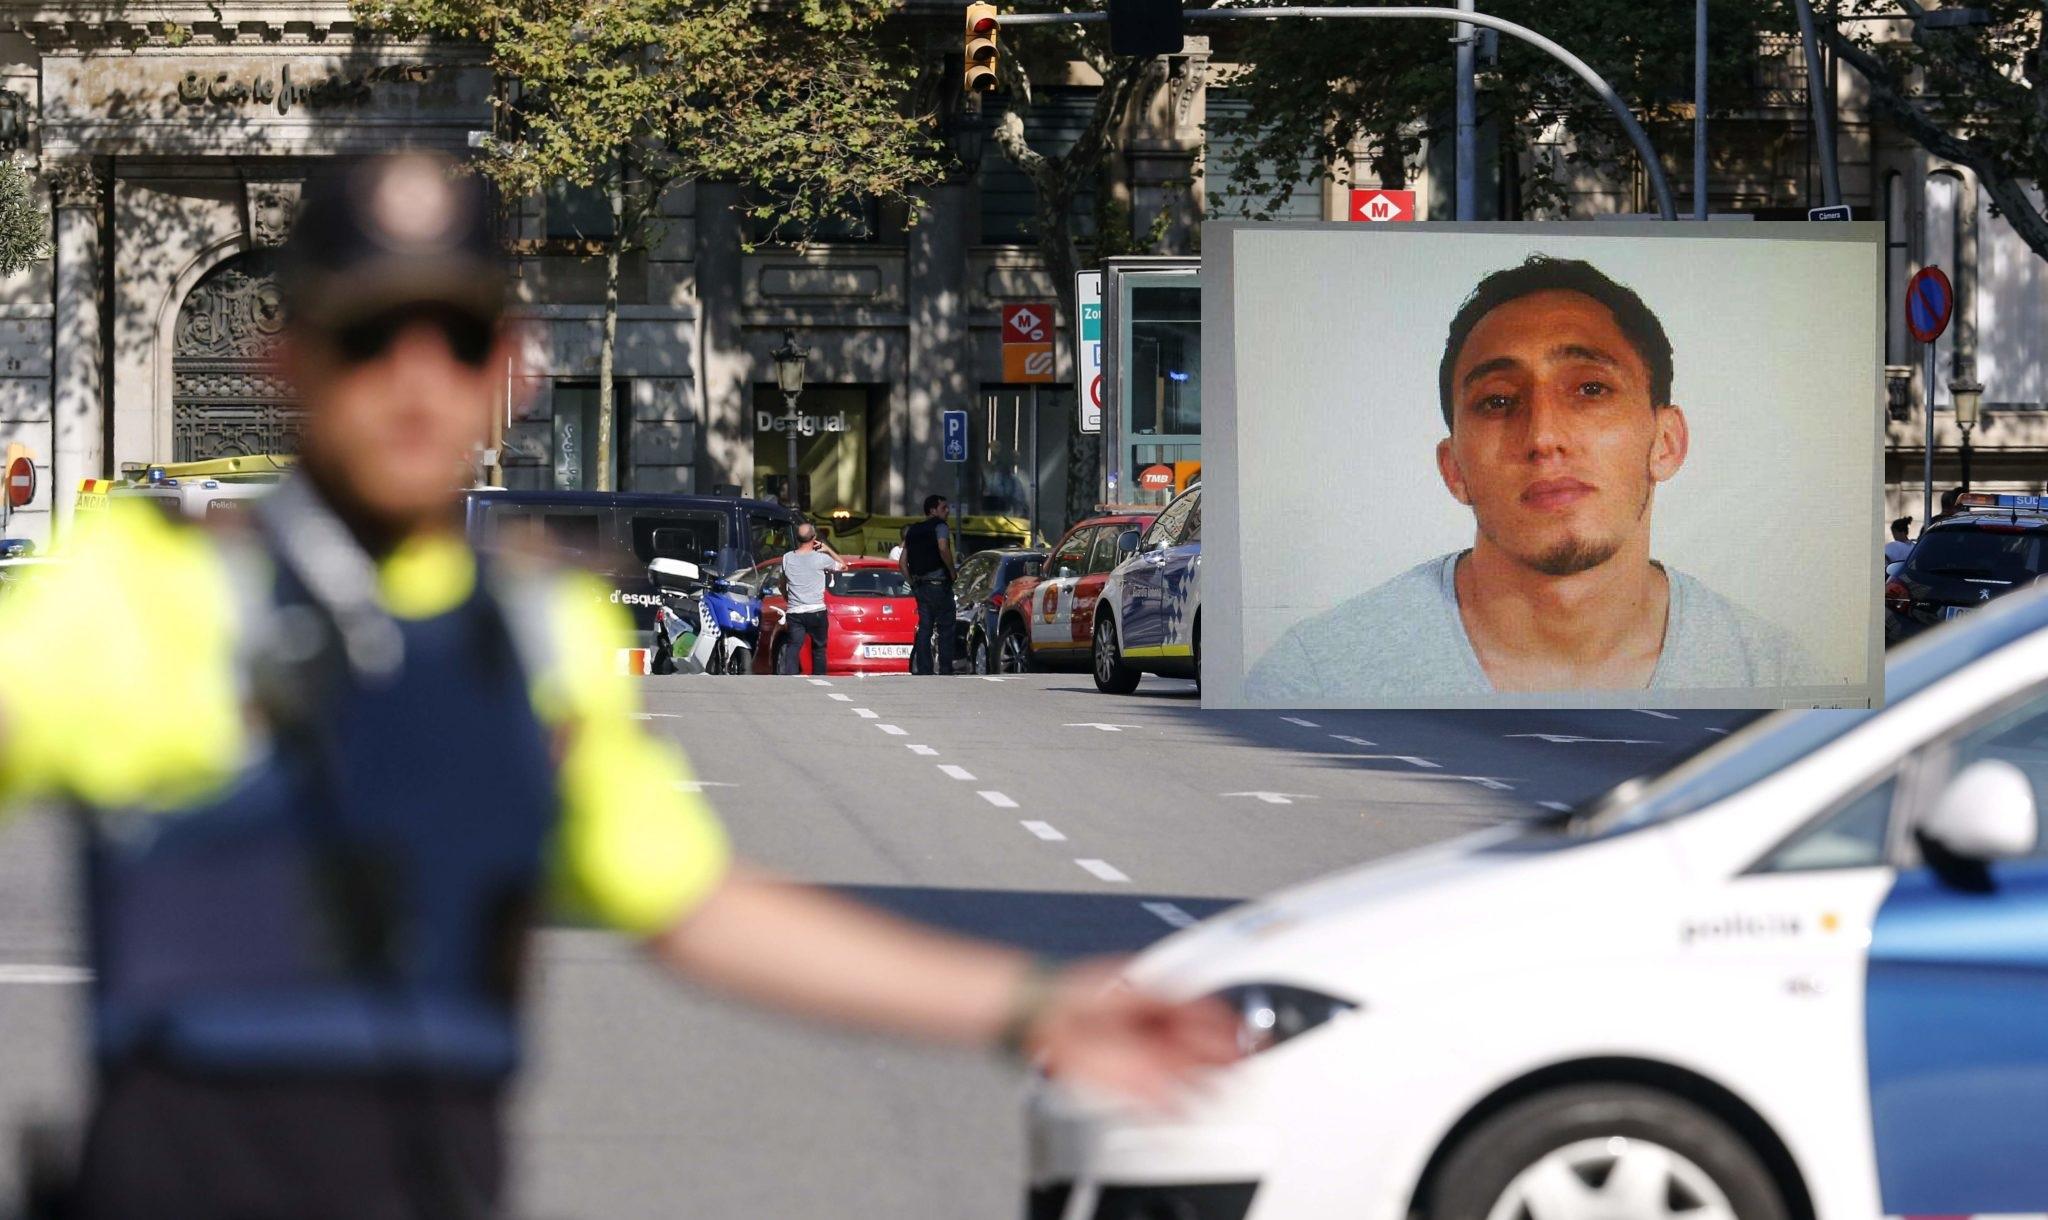 Islamitische Staat claimt aanslag Barcelona ... Aandslag Nederland 2017